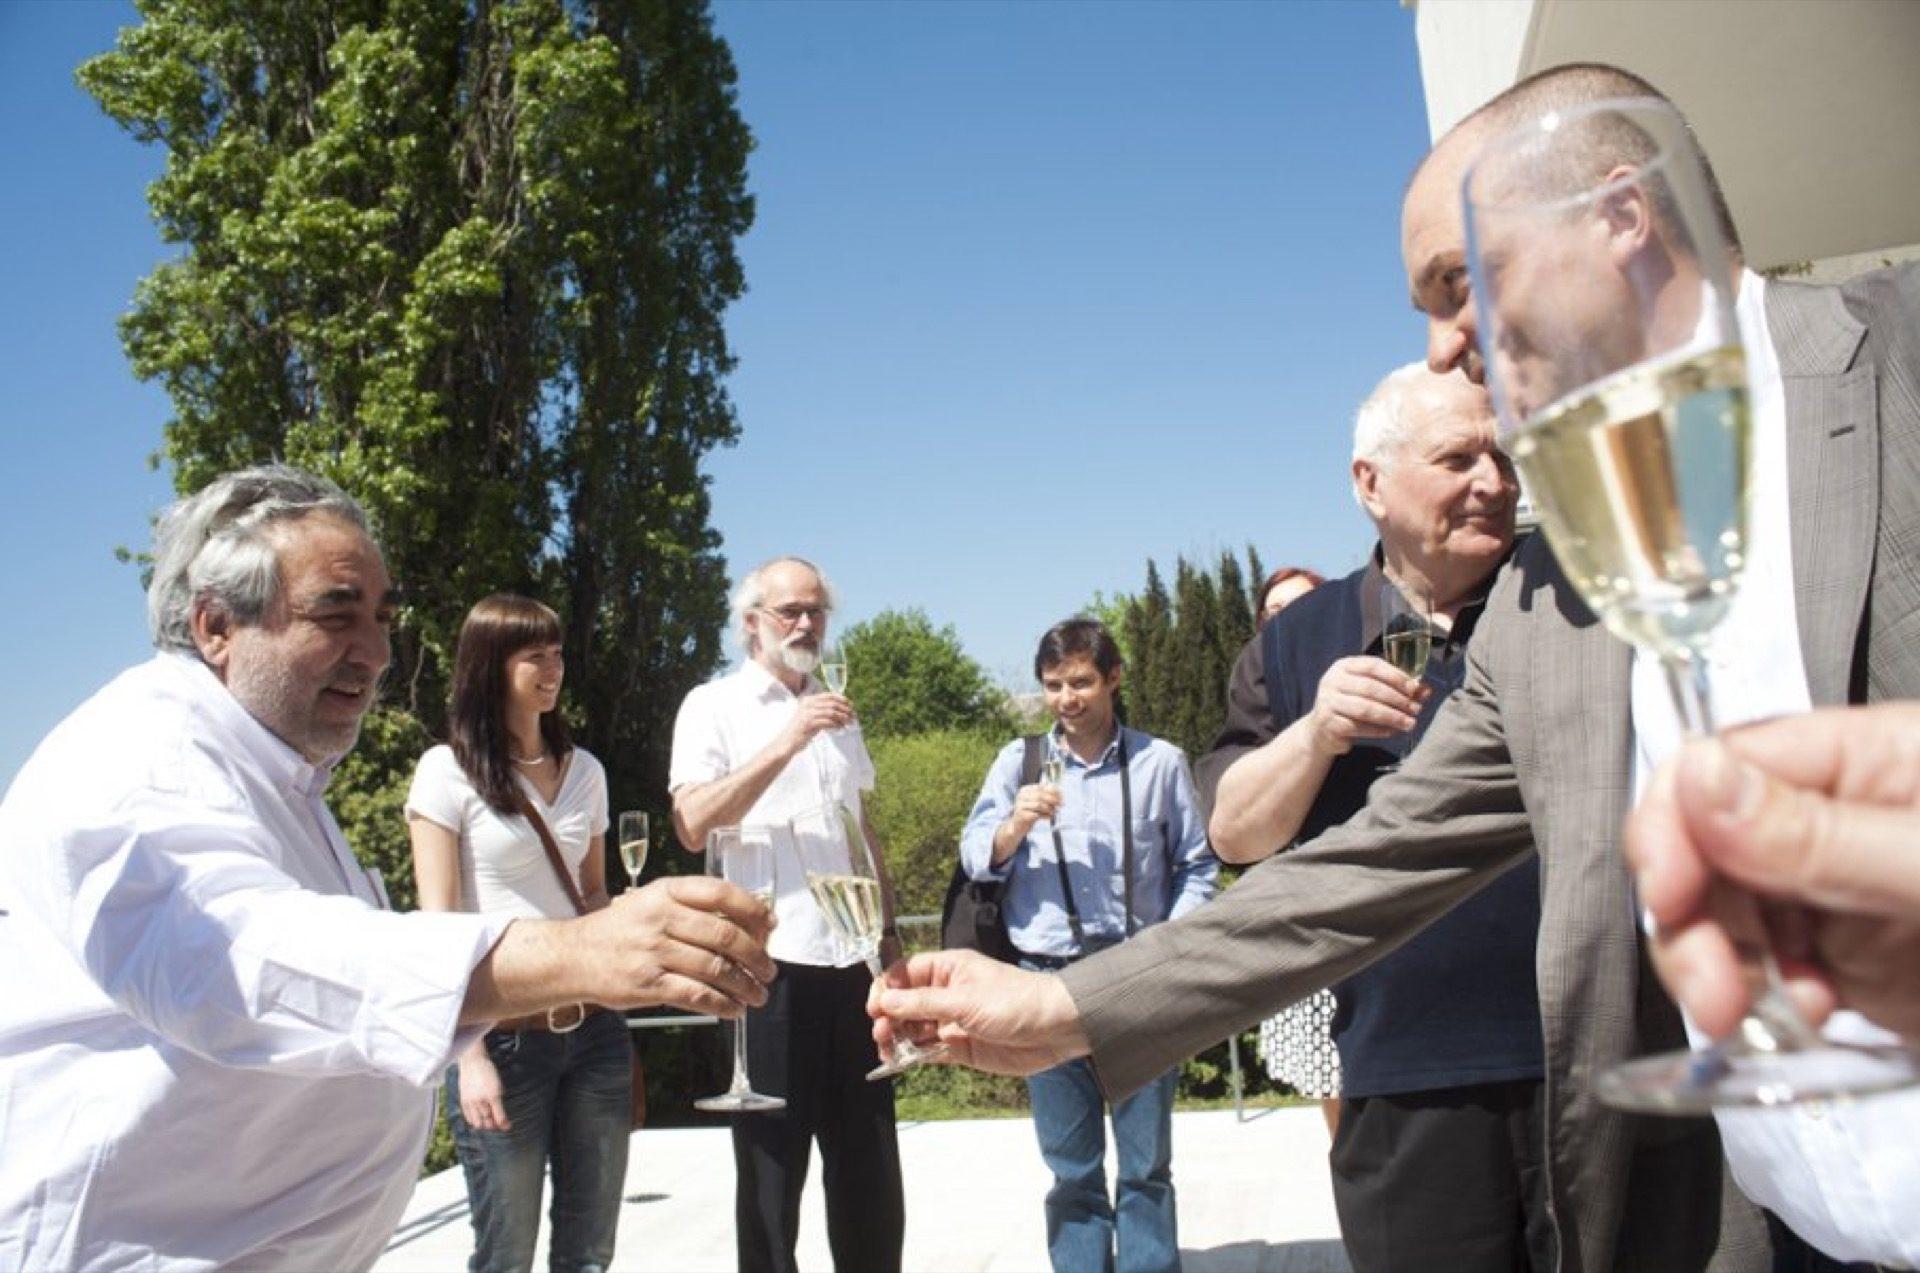 Na skleničku sEduardem Souto de Mourou do Vily Tugendhat aodtud na oběd do Café Era